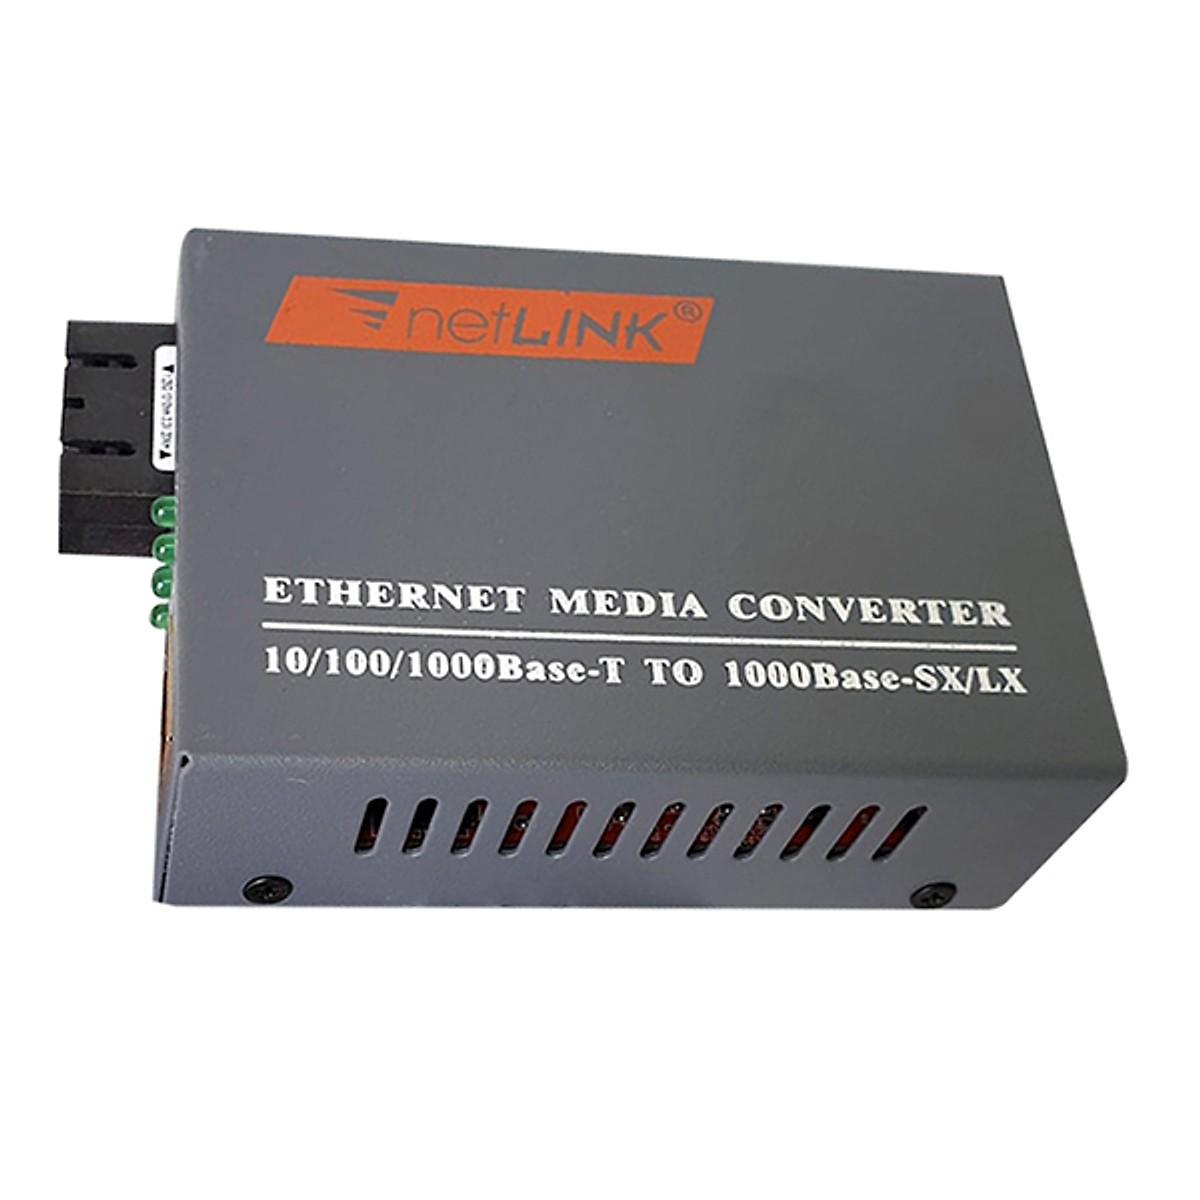 Bộ chuyển đổi quang điện 1000MB (2 Sợi quang) Netlink HTB-GS-03  - Hàng Chính Hãng